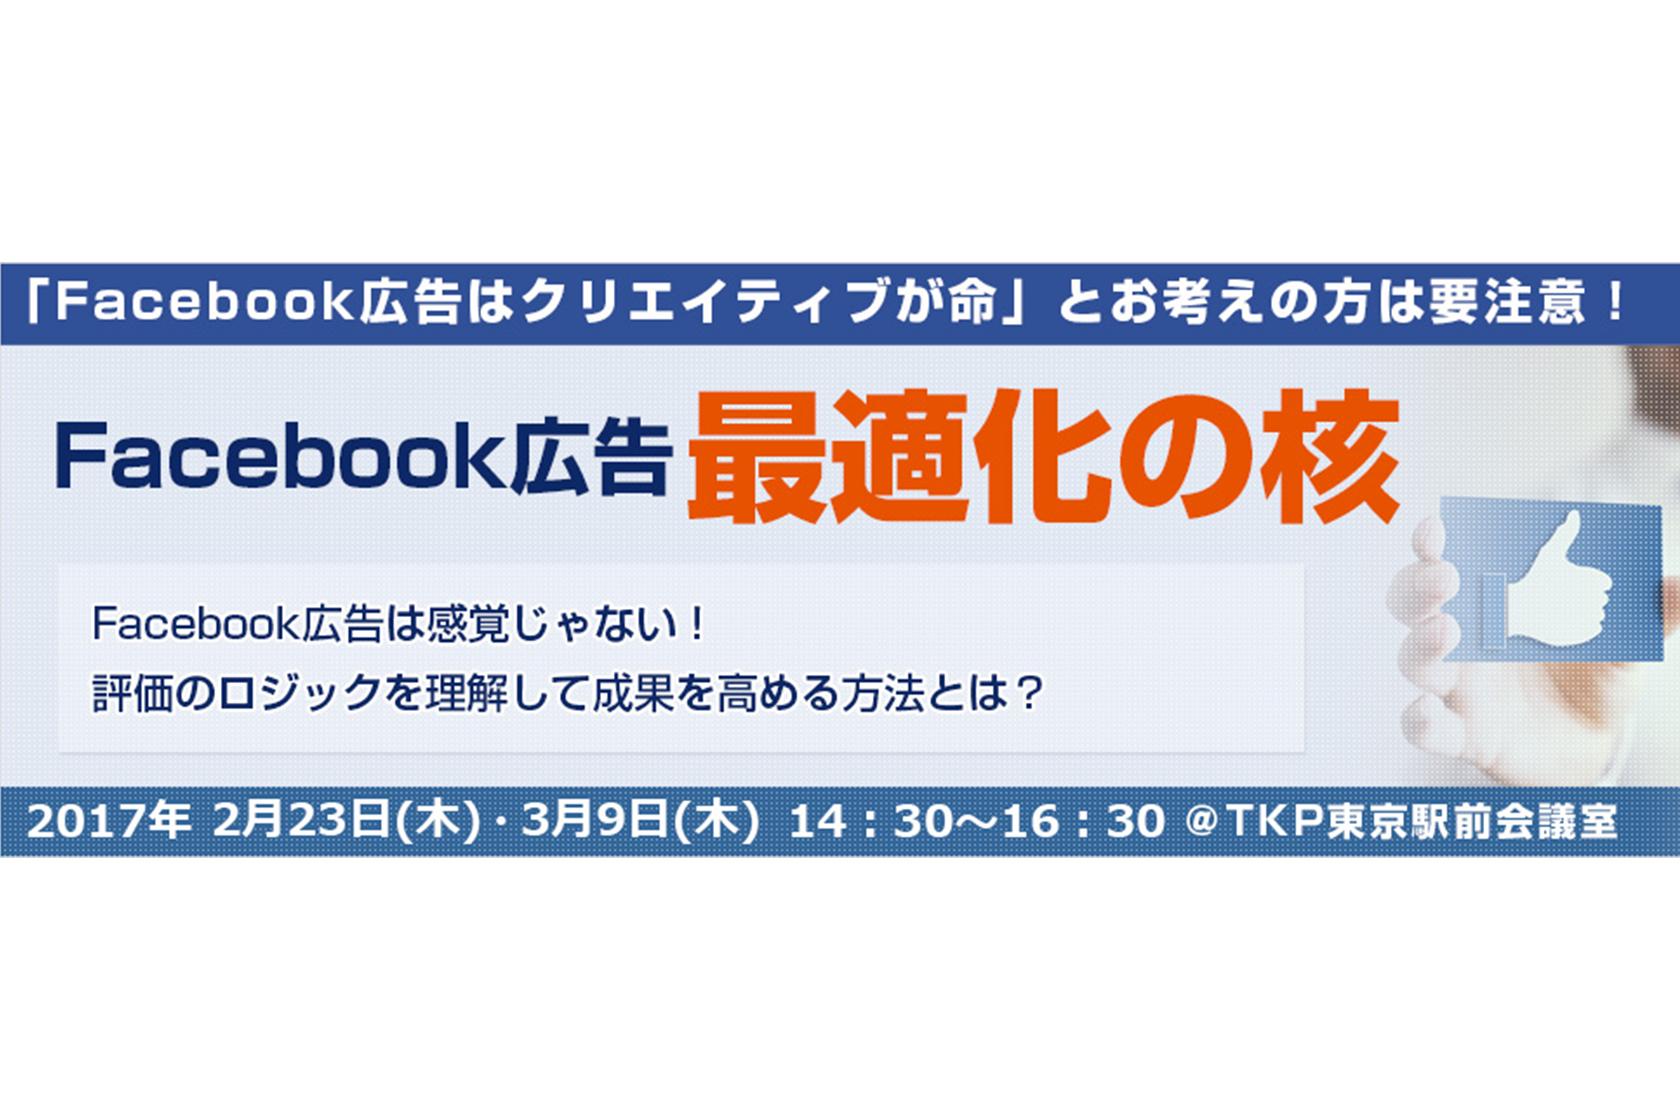 2017年3月9日開催決定!Facebook広告 最適化の核 ~評価のロジックを理解して成果を高める方法とは?~